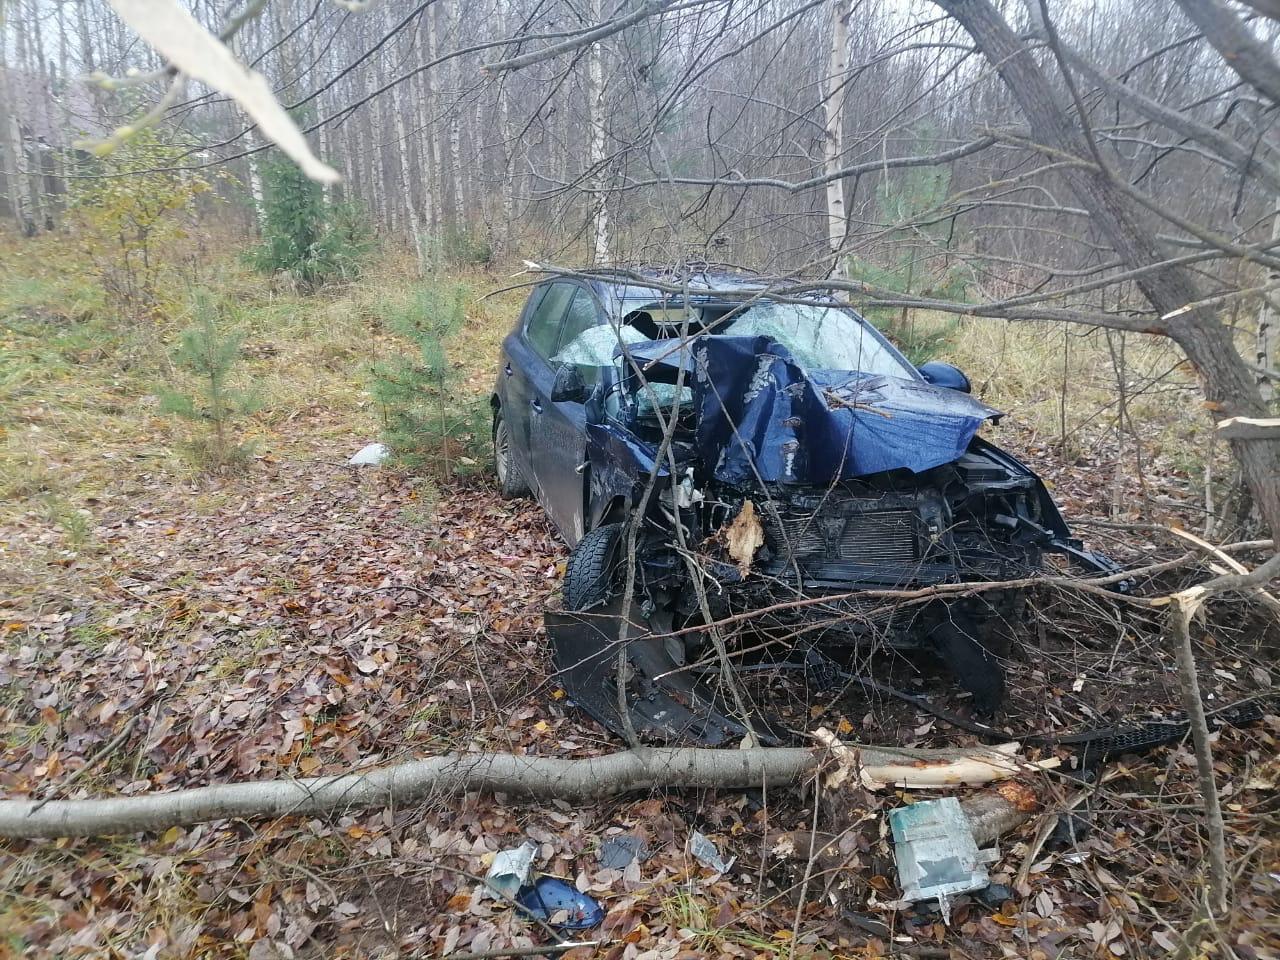 В тяжелом состоянии доставили в больницу женщину, пострадавшую в ДТП в Тверской области - новости Афанасий